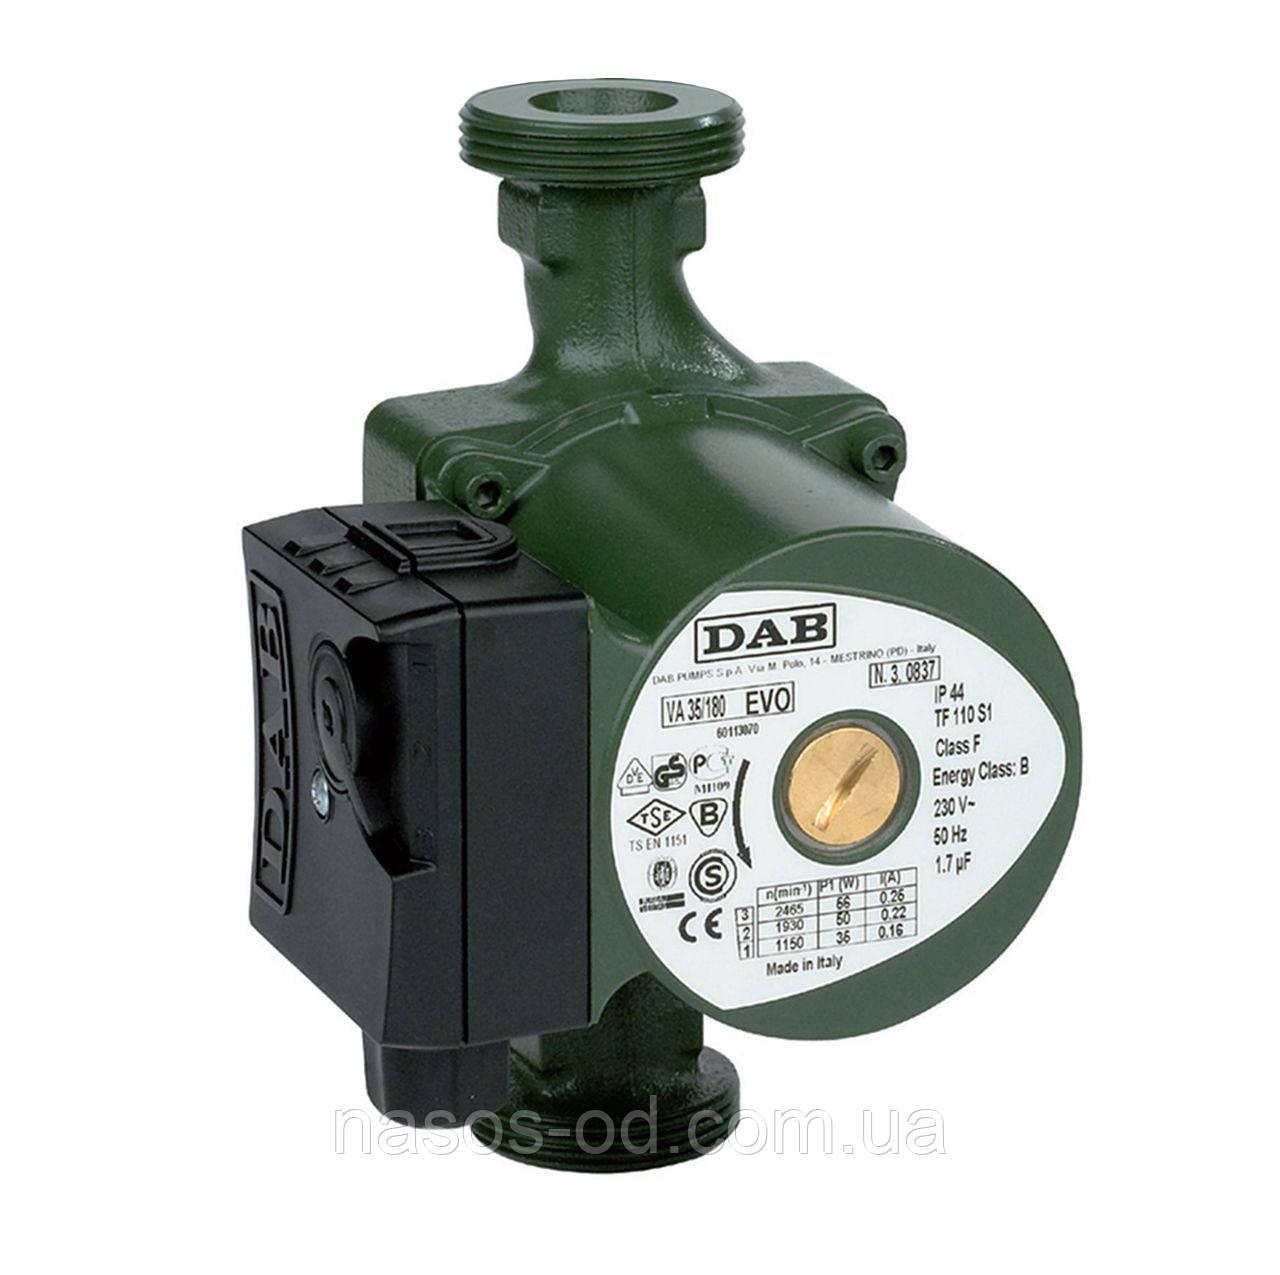 Циркуляционный насос DAB для системы отопления 6 55/180 (874106)